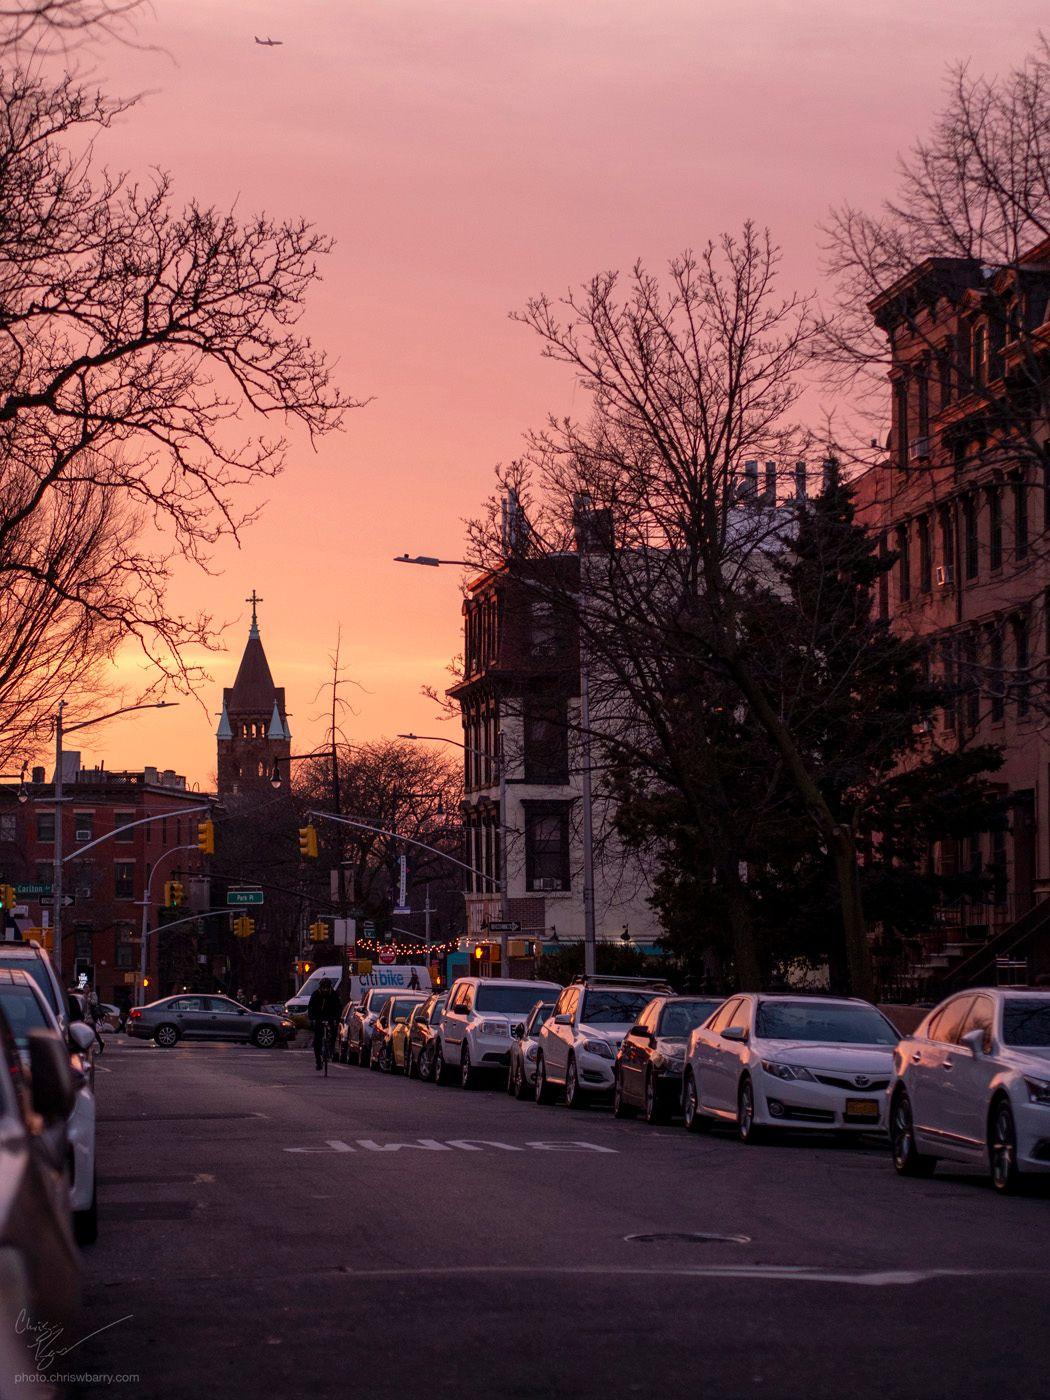 3-14-19: Park Place Sunset